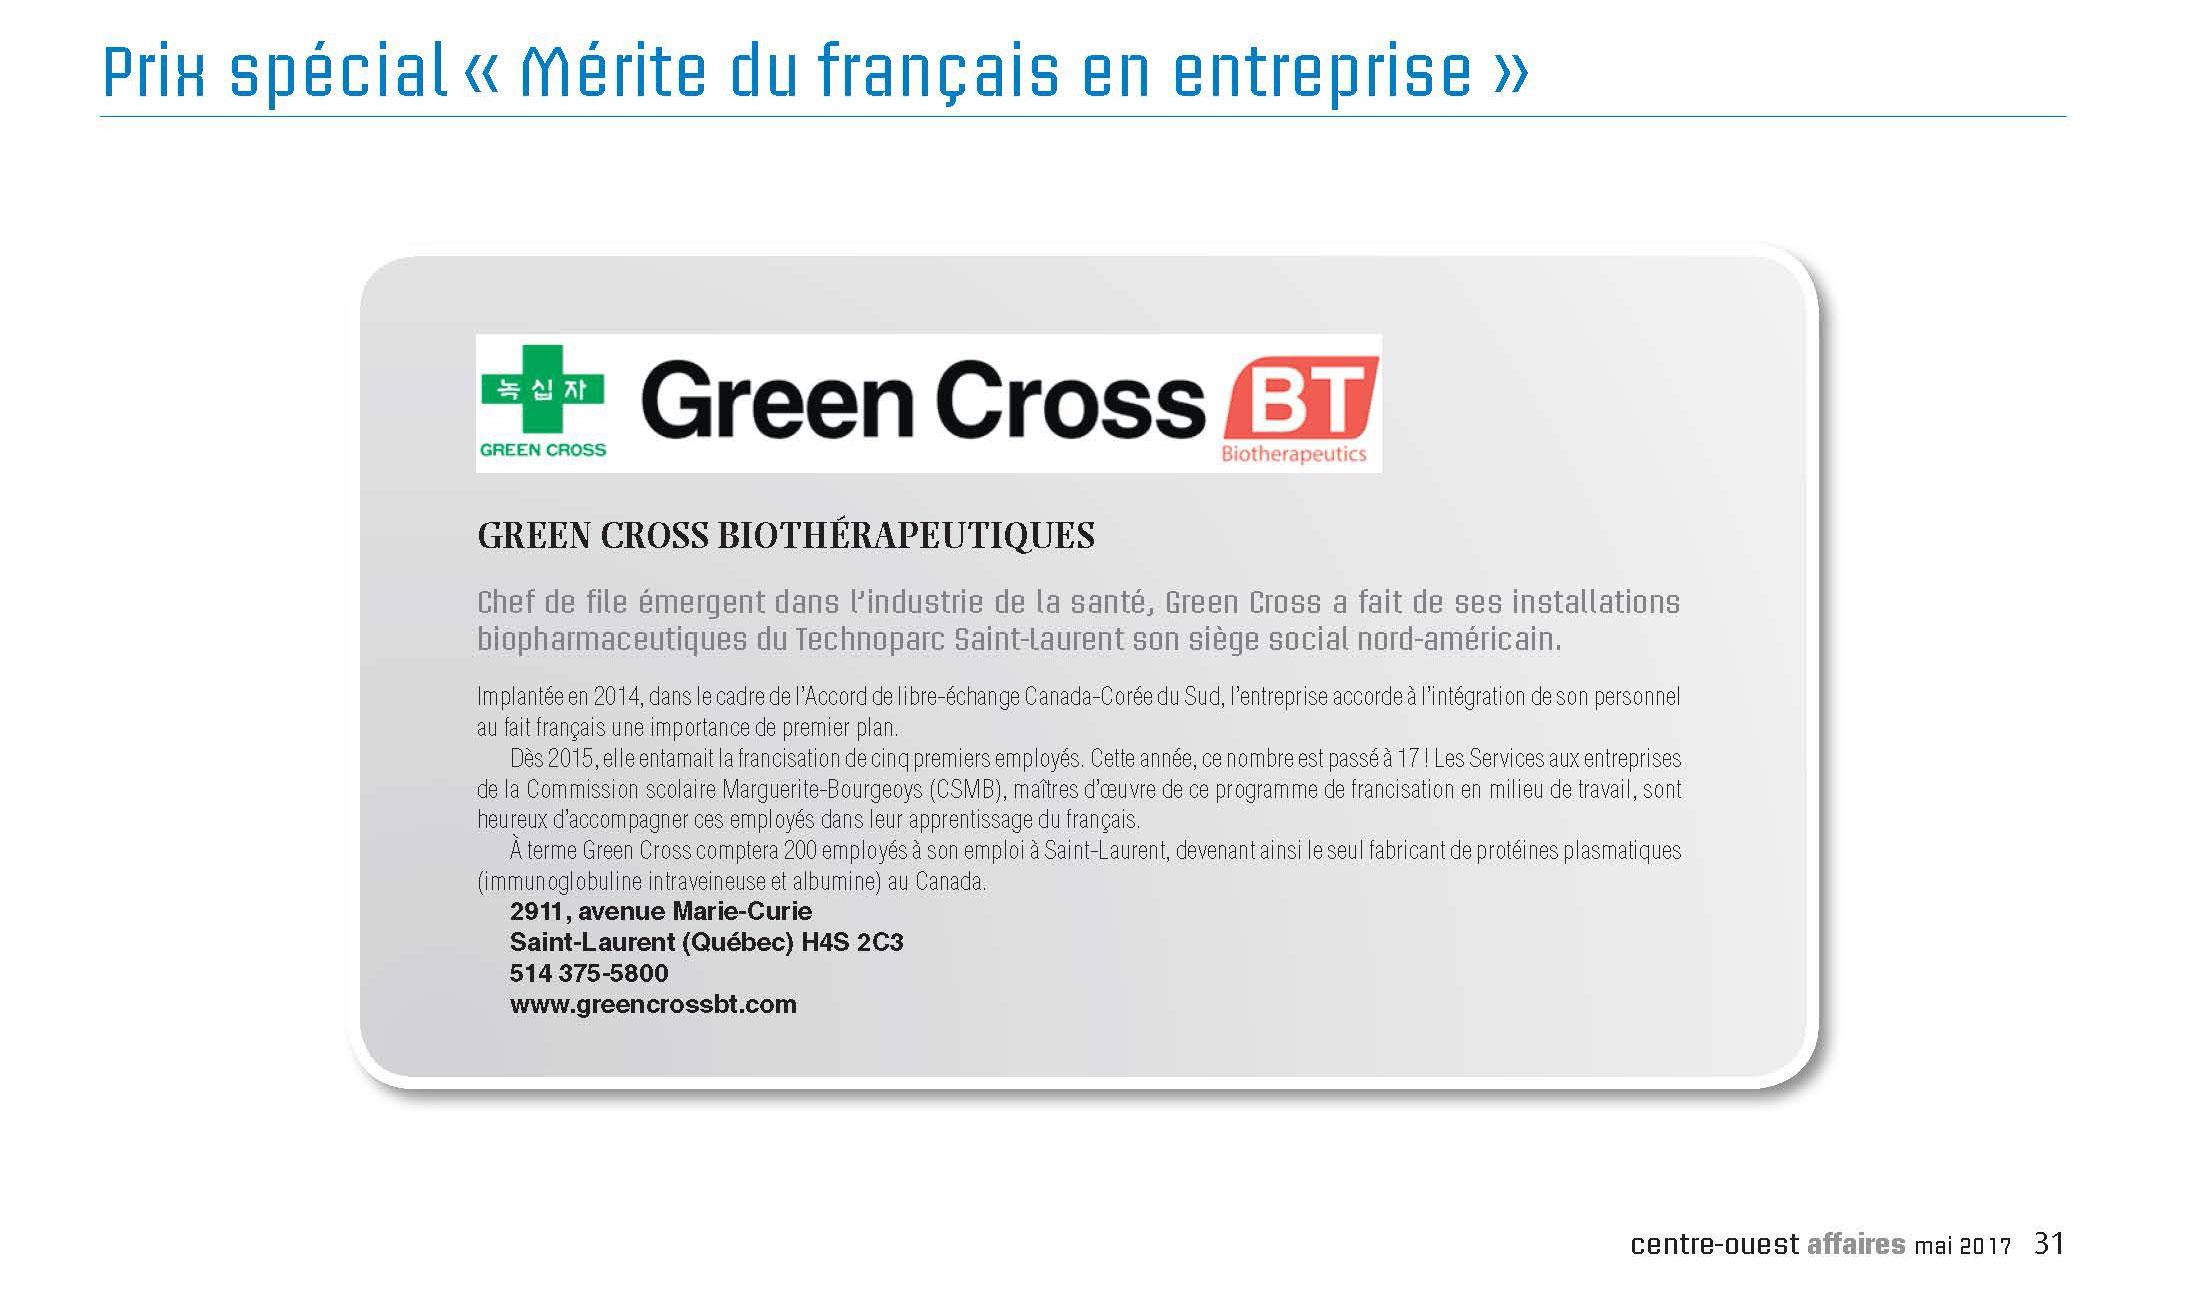 Prix spécial «Mérite du français en entreprise»